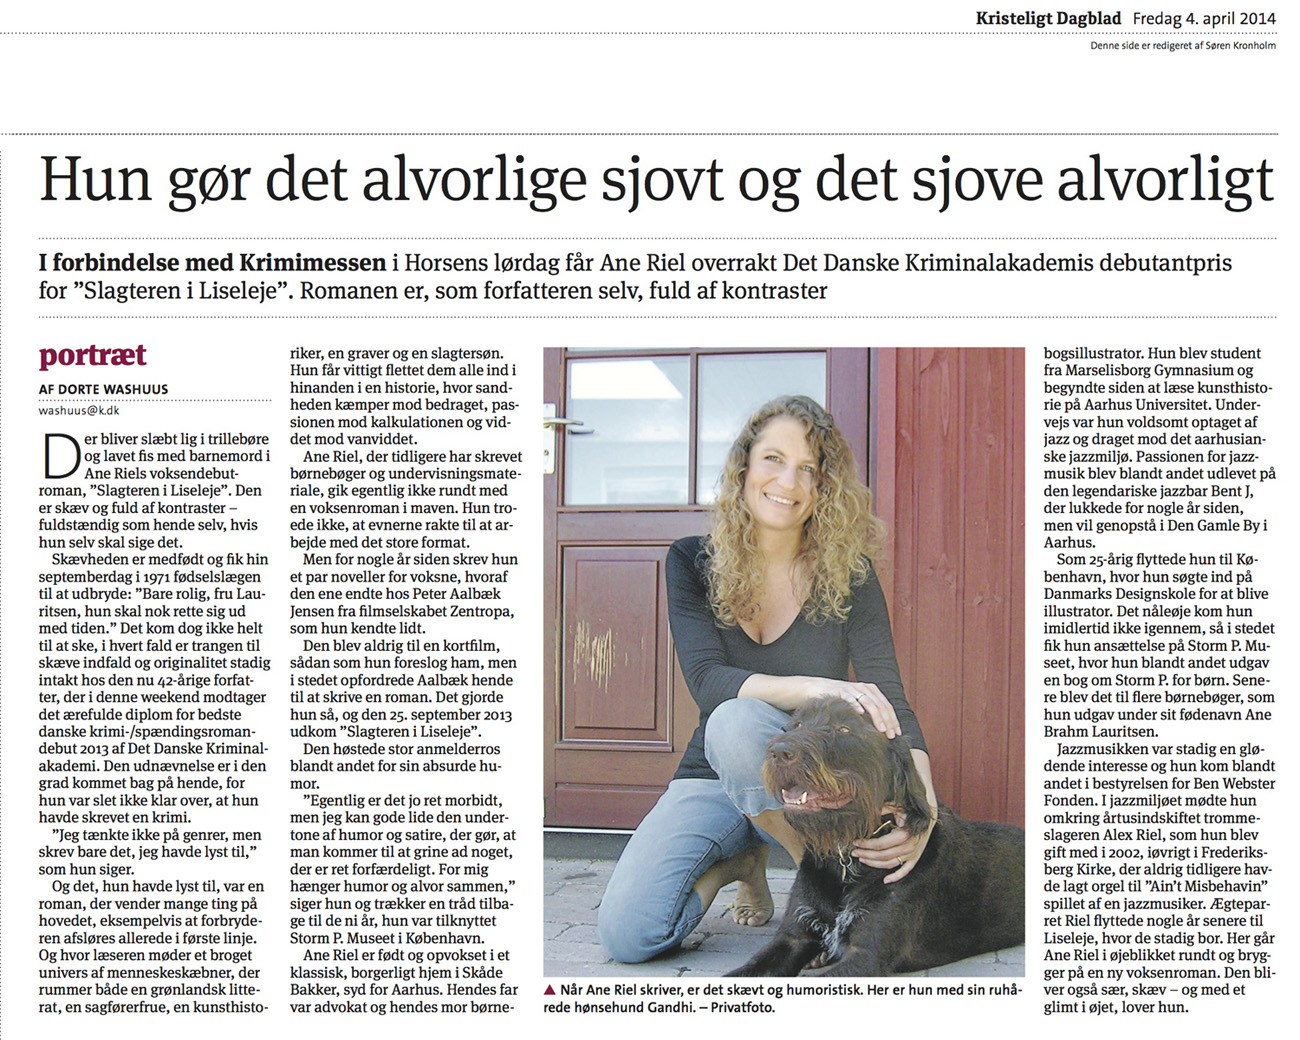 Portræt af Ane Riel i Kristelig Dagblad, d. 4. april 2014